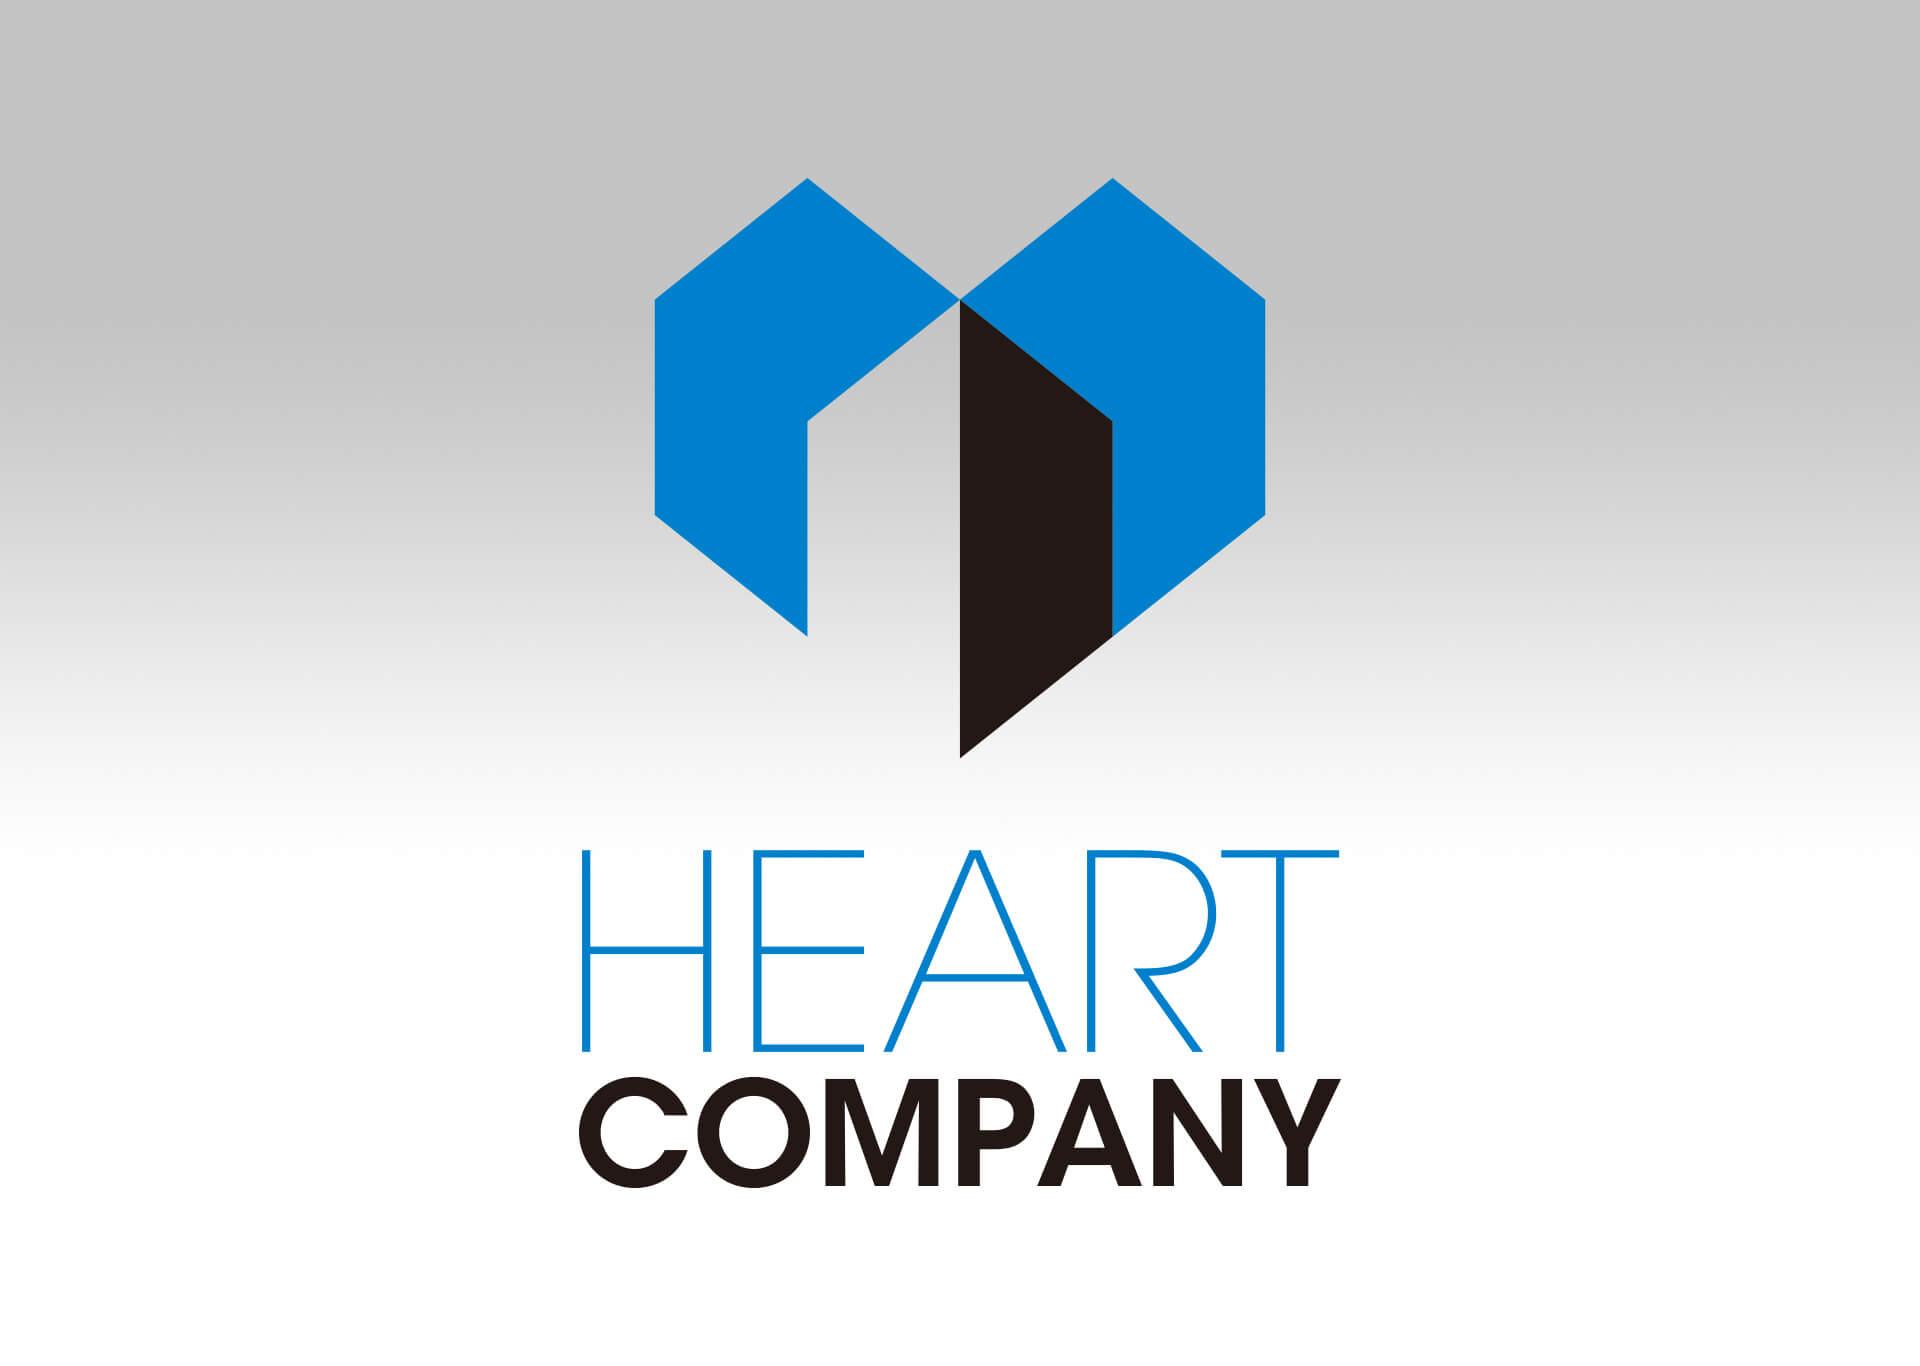 HEART COMPANY